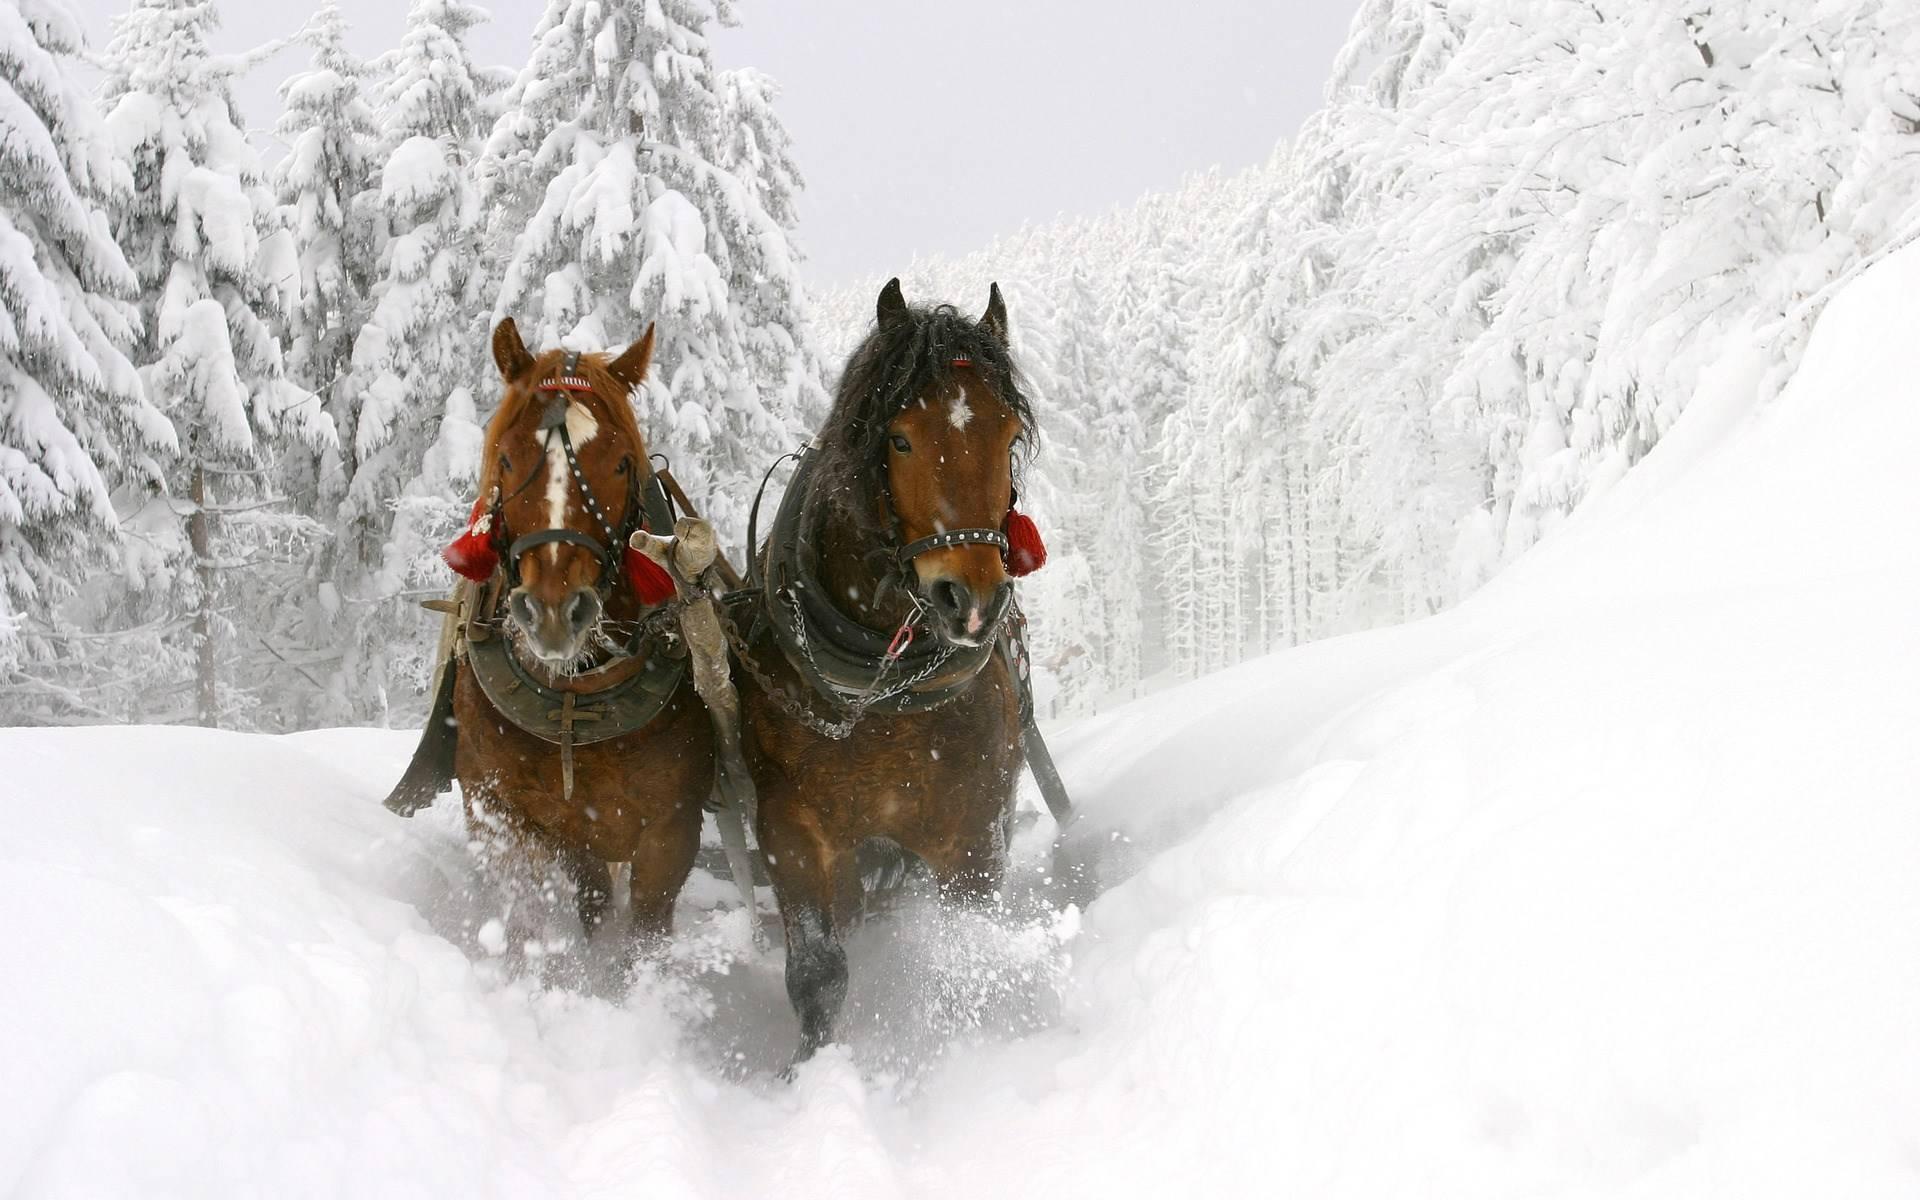 winter beautiful horses   Horses Wallpaper 1920x1200